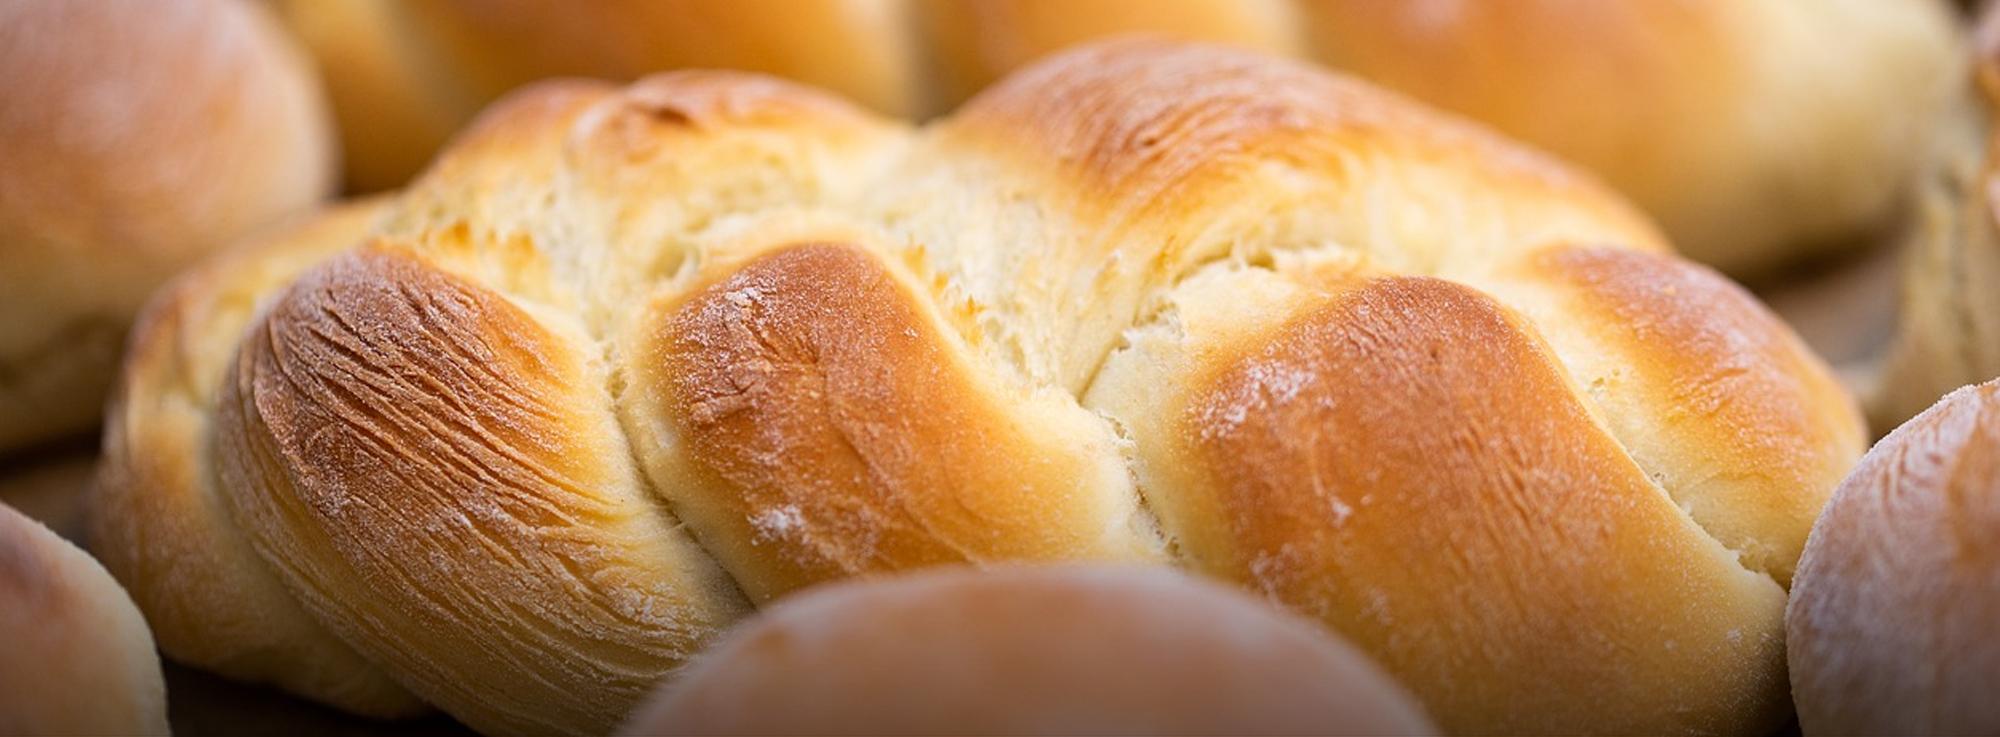 Cagnano Varano: Festa del pane e della salicornia